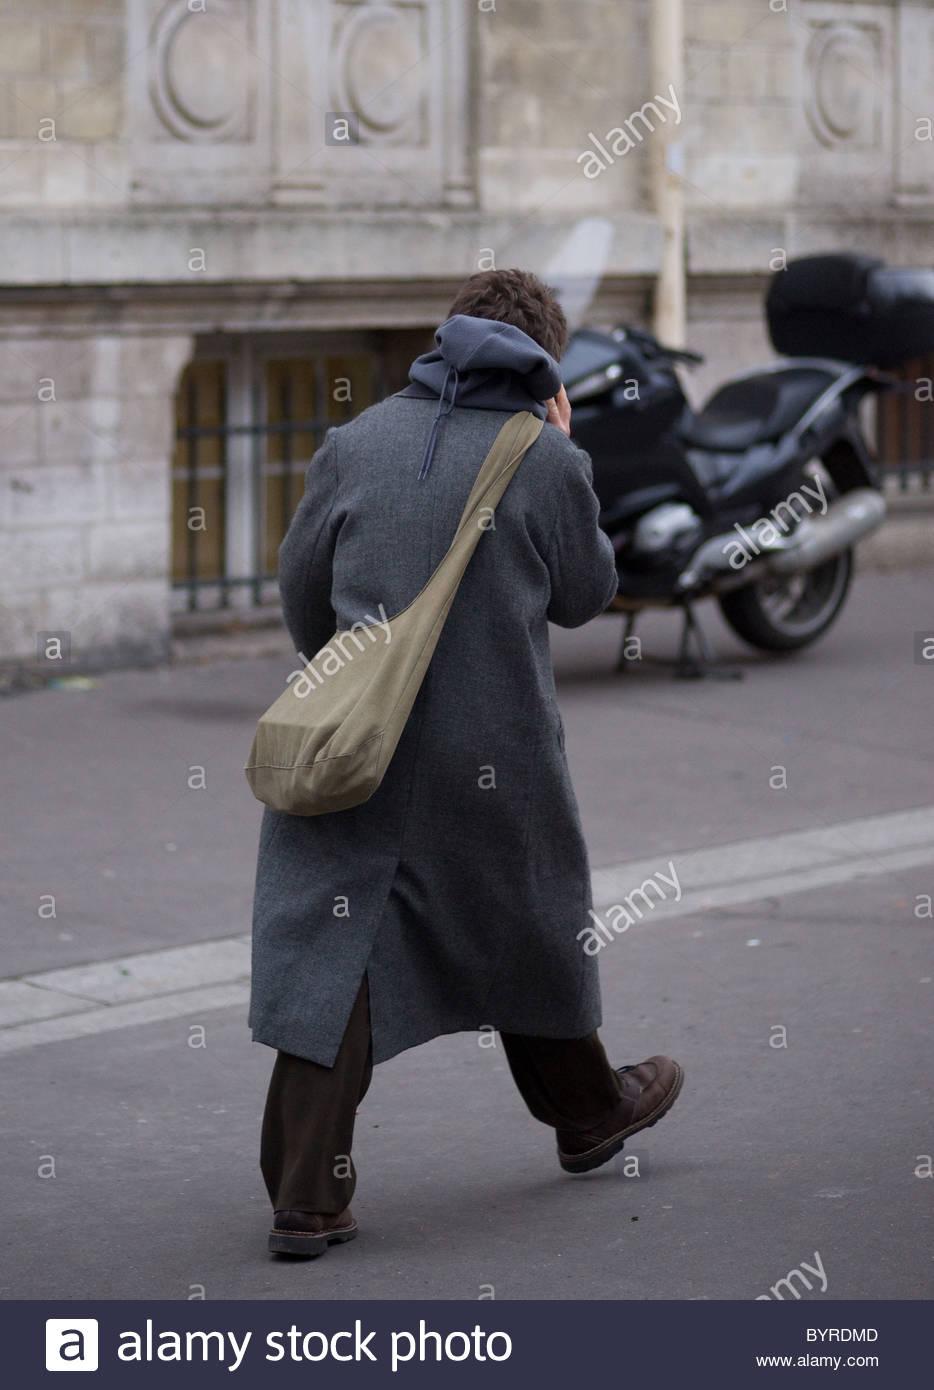 People walking - Paris France Stock Photo